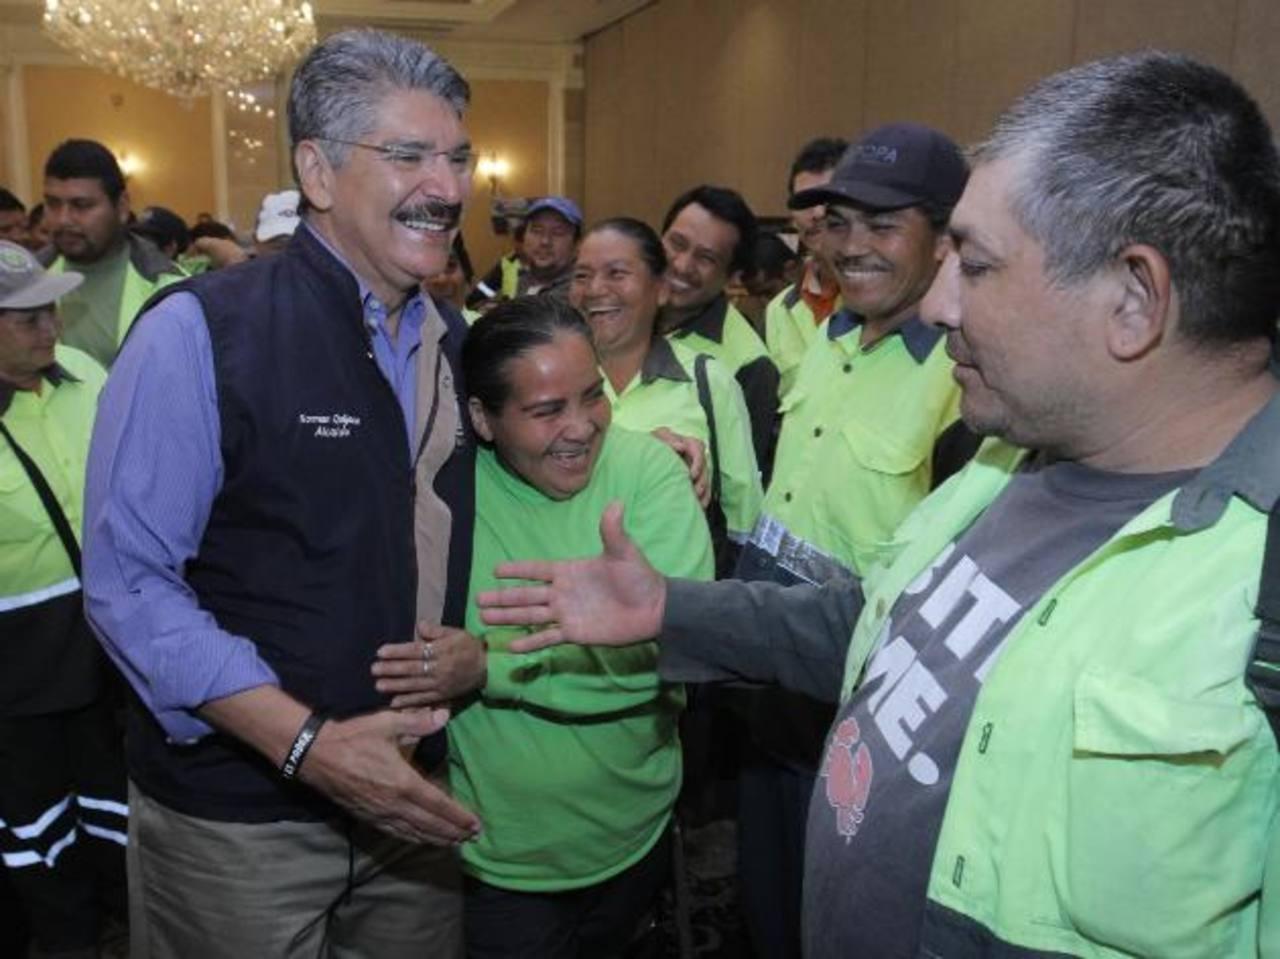 Los agremiados en Astram disfrutaron del reconocimiento que le ofrecieron al edil Norman Quijano, quien se llevó abrazos y buenos deseos. foto edh / CORTESÍA ALCALDÍA DE SAN SALVADOR